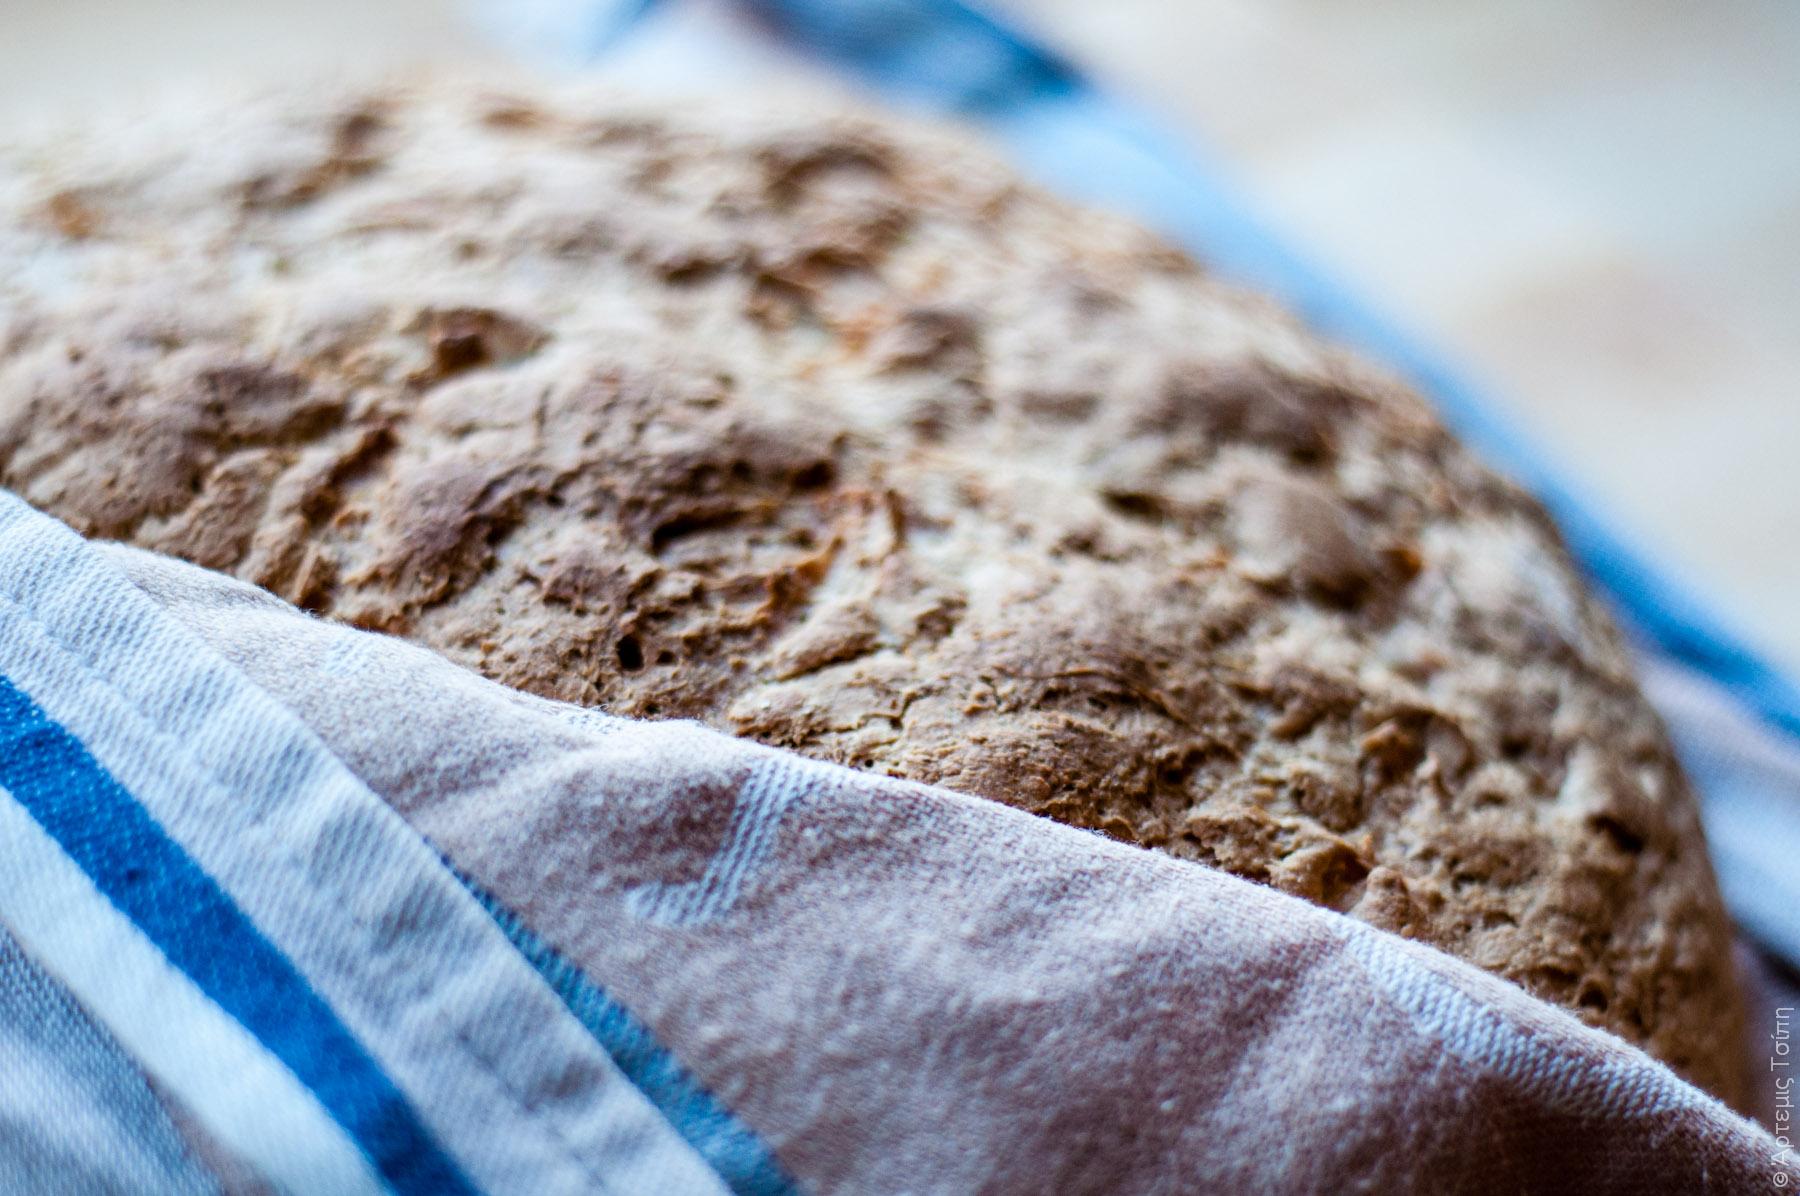 ψωμί κριθάρι_καλαμπόκι 1